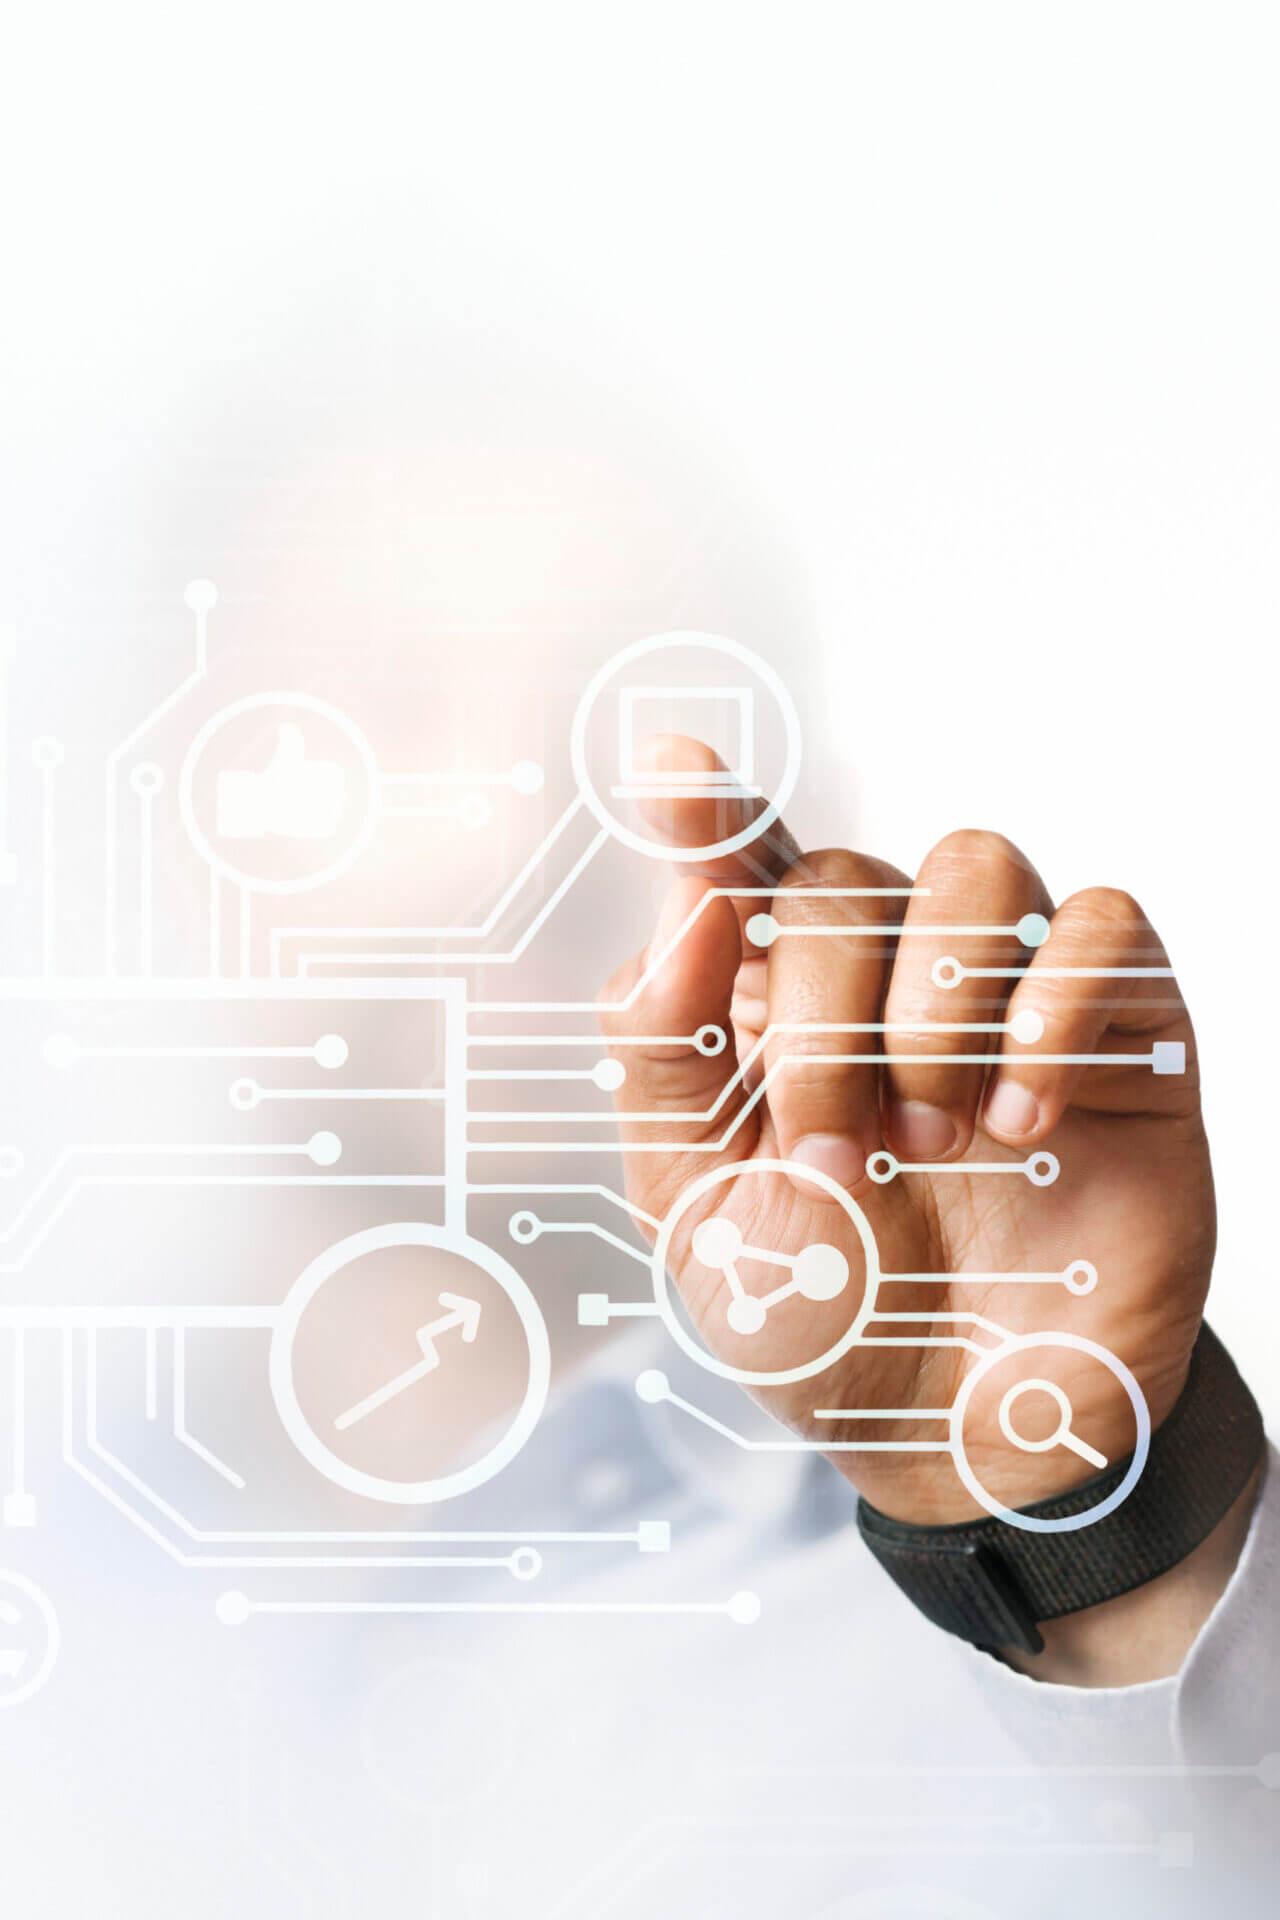 businessman-pointing-at-his-business-presentation-on-the-high-technology-digital-screen-scaled-1 Przemysł 4.0: dlaczego Twoja fabryka powinna się cyfryzować